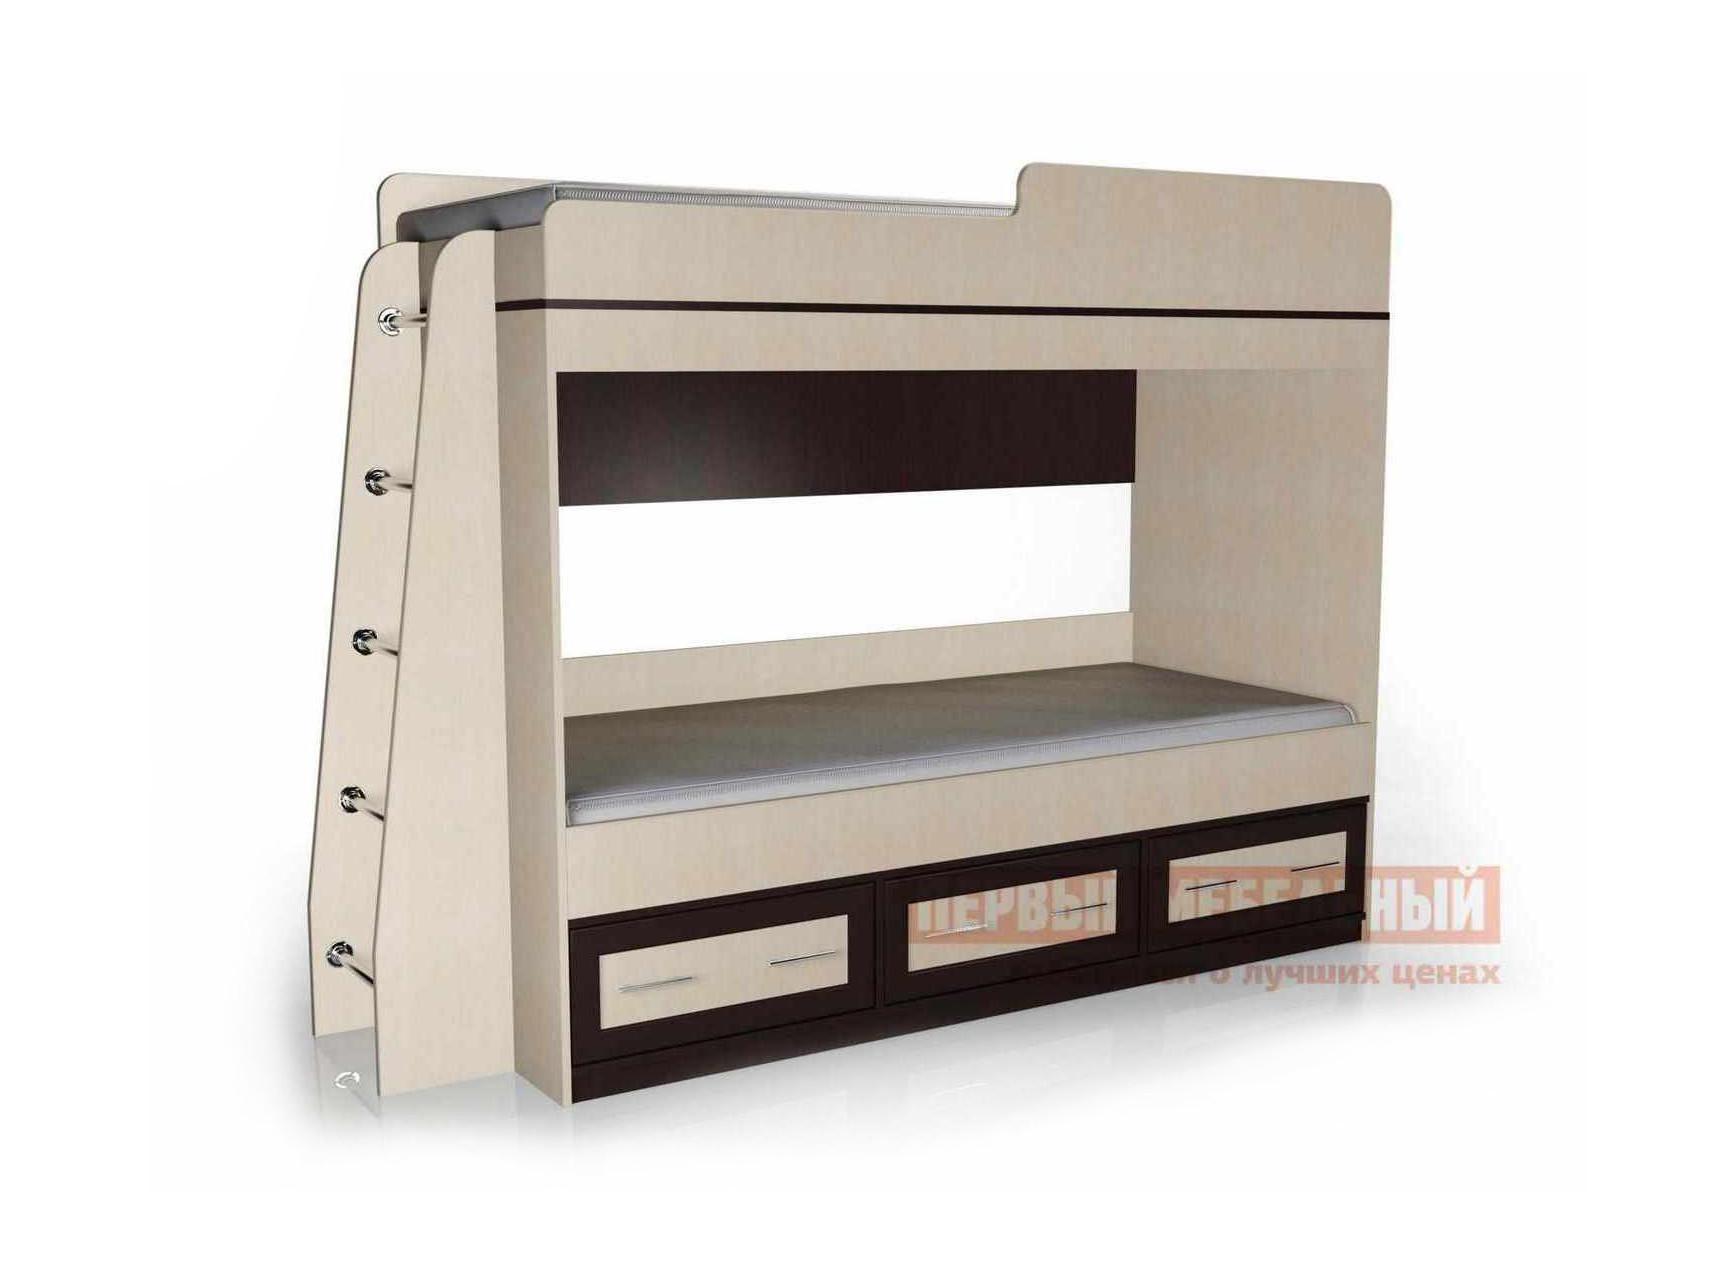 Кровать Мебелеф 2-х ярусная кровать «Мебелайн – 5»